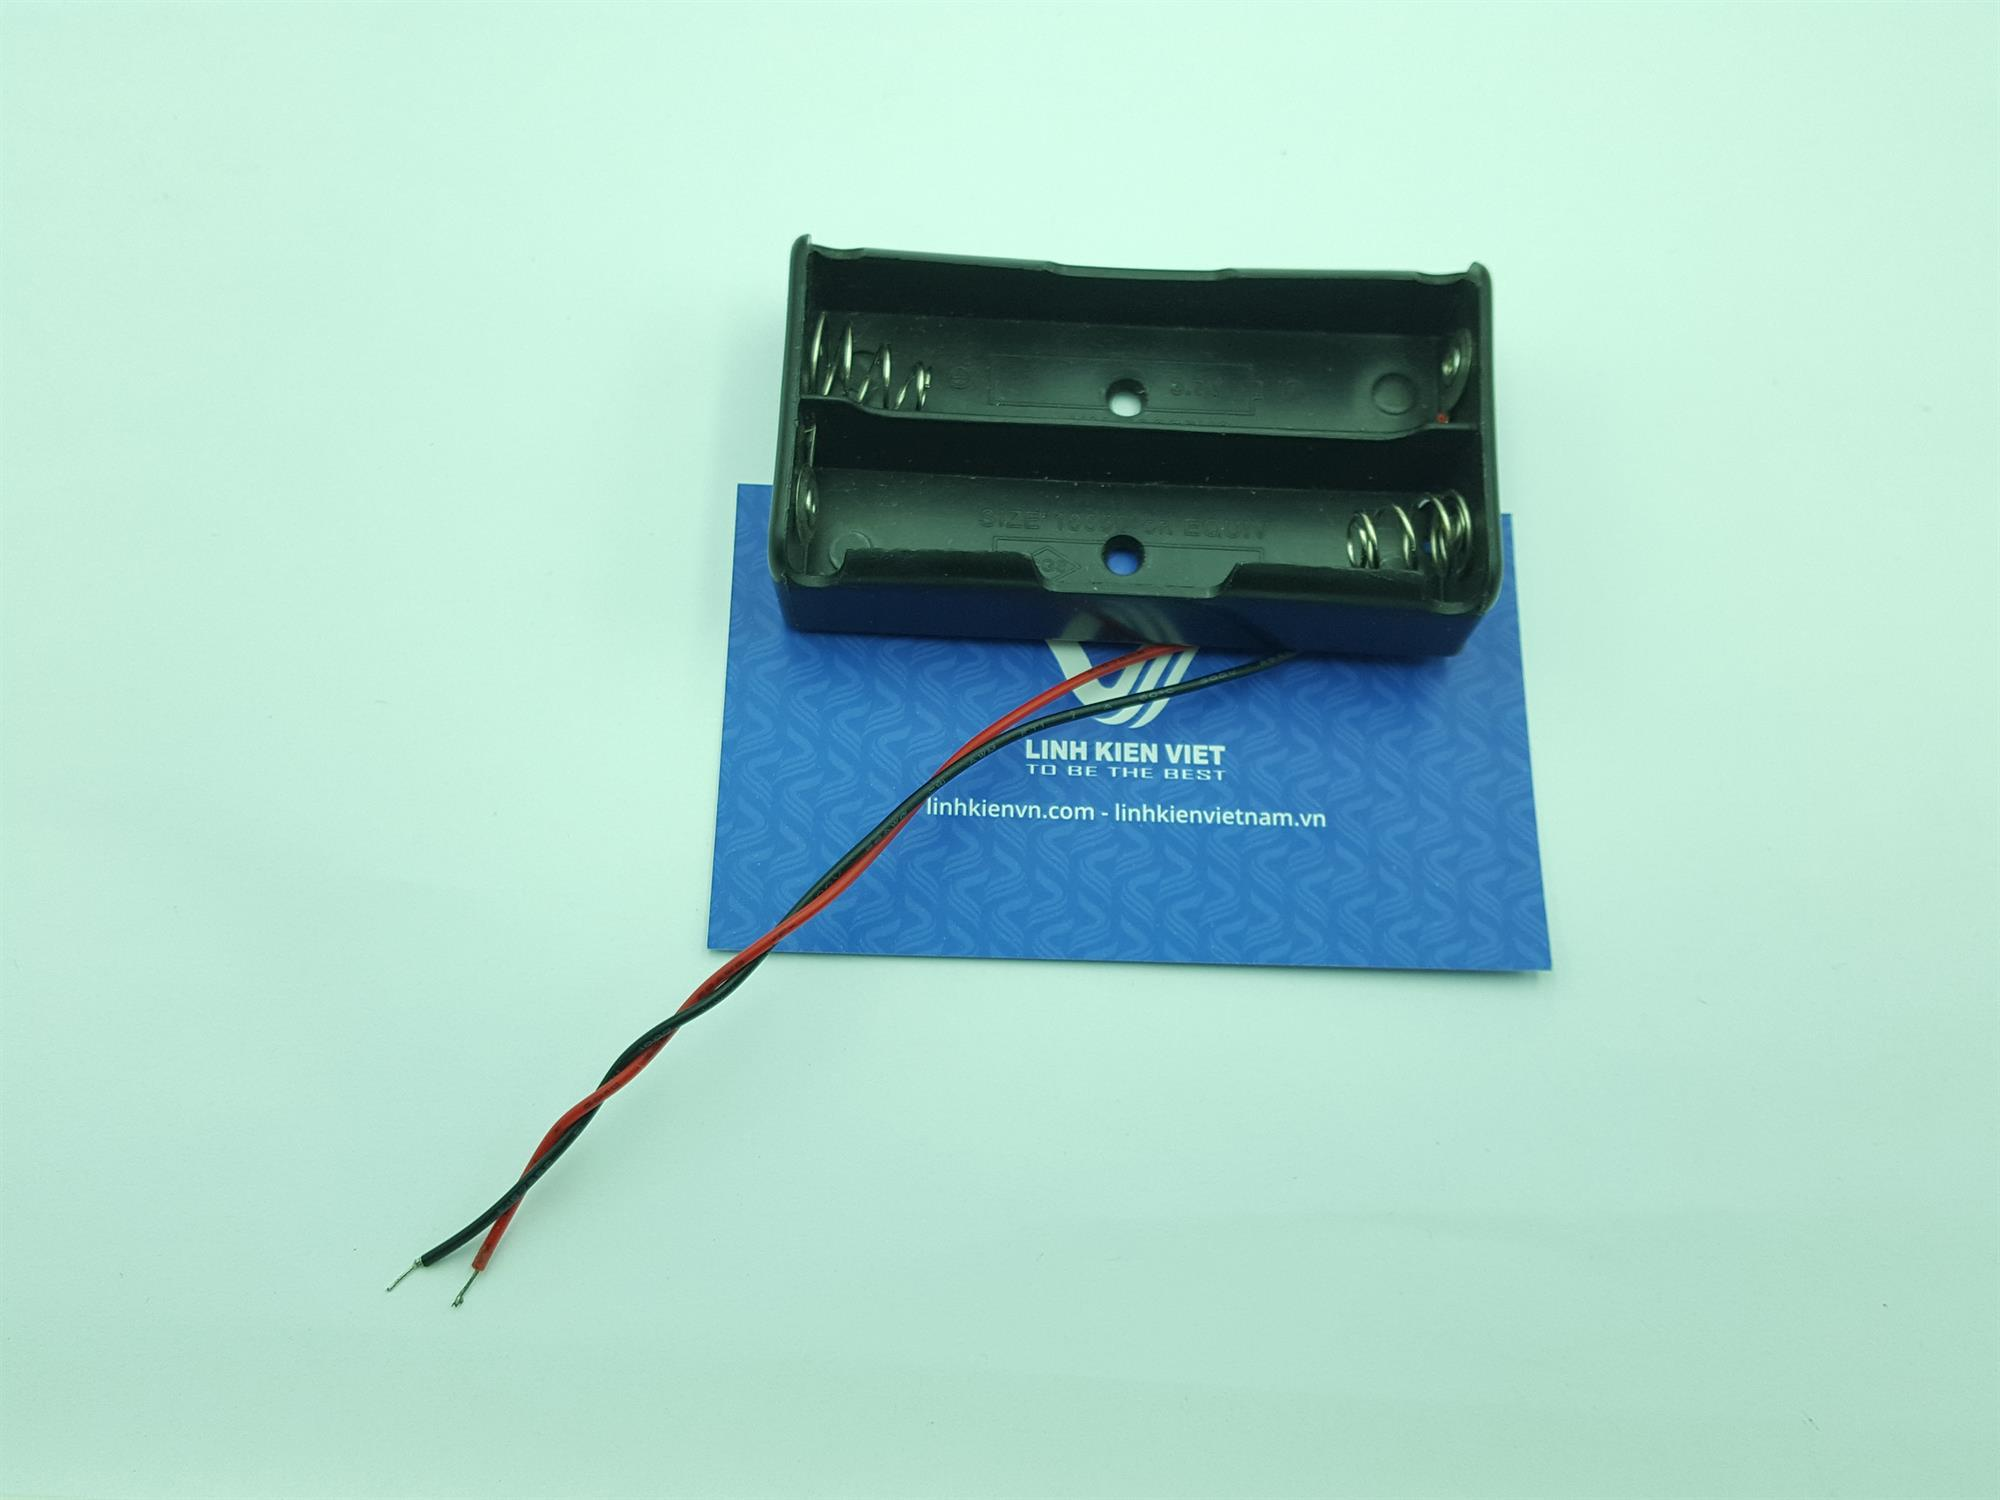 Đế PIN hai cell / khay pin 2 cell / Đế pin CR-CMOS / khay đựng pin 18650 / Đế đựng pin 18650 - G8H5